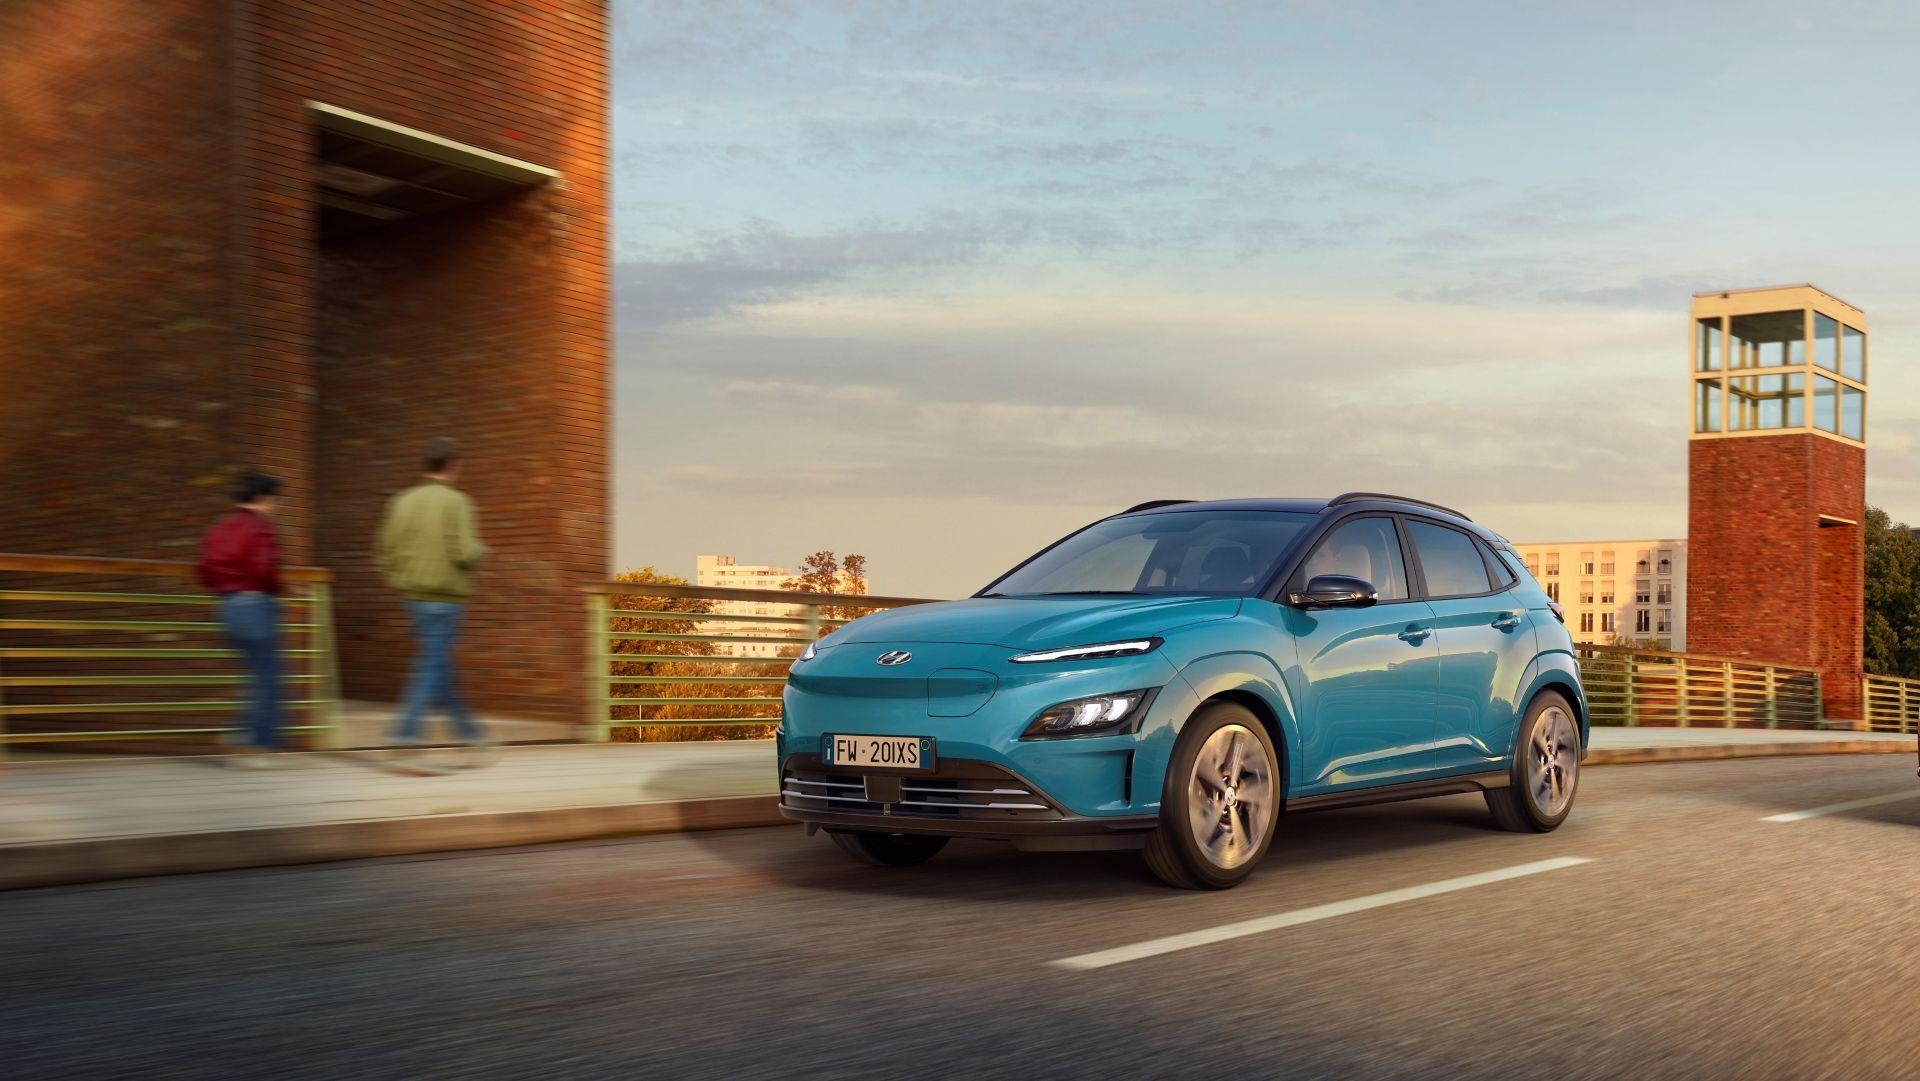 Hyundai Nuova Kona Electric: Preventivo Gratuito e Personalizzato!